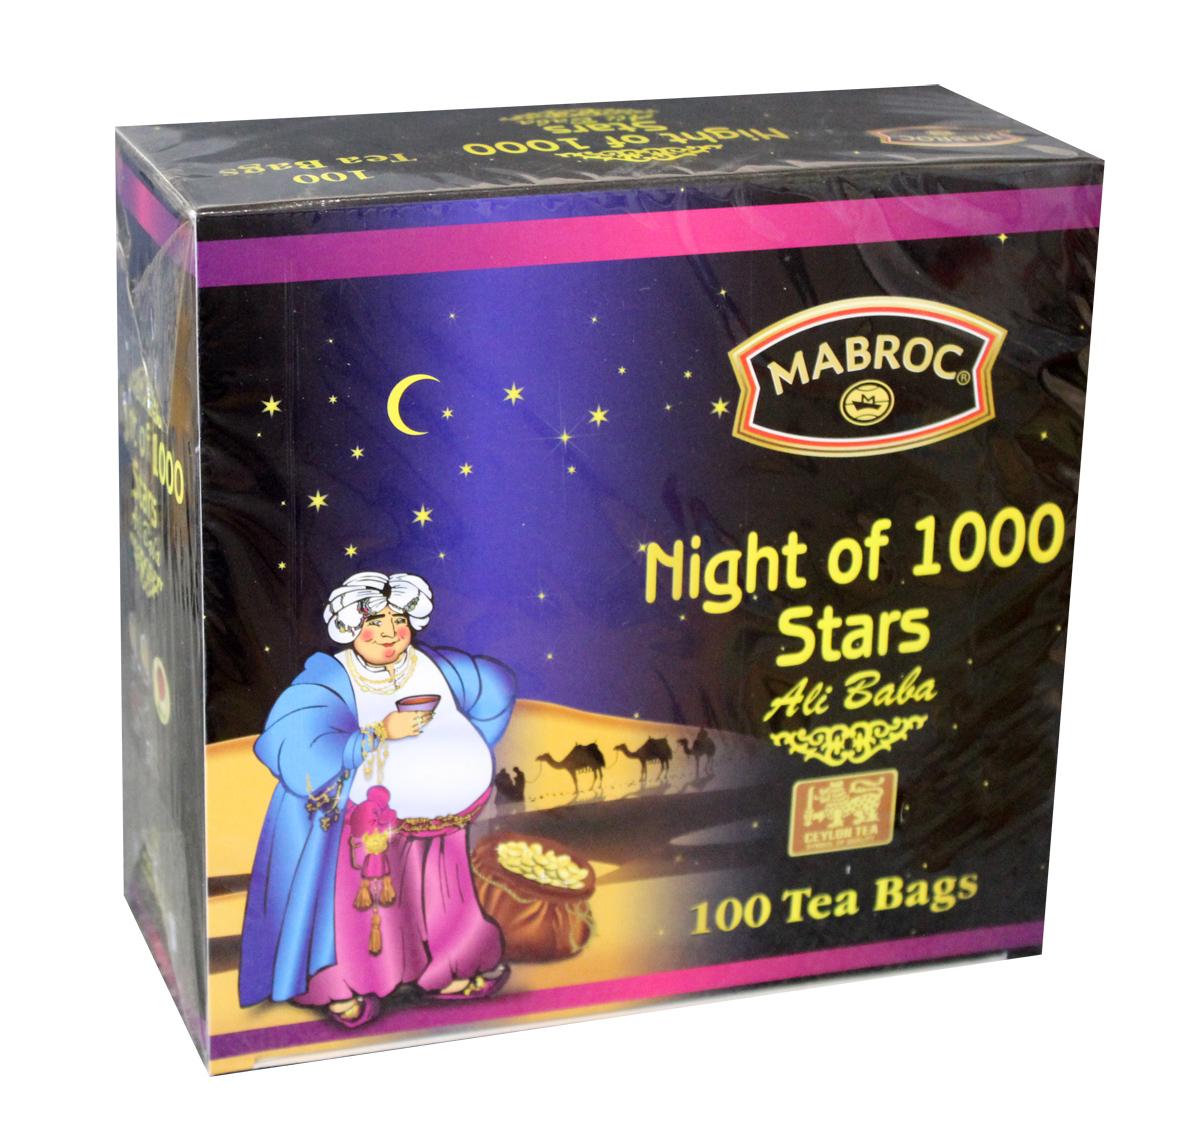 Mabroc Древние легенды. Ночь 1000 звезд чай черный в пакетиках, 100 шт4791029004778Коллекция «Древние легенды», Ночь 1000 звезд (1001 ночь). Эта коллекция является визитной карточкой Маброк и включает в себя наиболее престижные, известные и дорогие сорта. Это удивительный ассортимент чаев с плантаций Маброк, со вкусом, одновременно подходящим для сибирского климата и передающий изысканный вкус Востока.Смесь черного и зеленого чай с ароматом клубники, с цветами апельсина, ноготков, лепестками роз.Это превосходное сочетание черного чая, выращенного в низинных районах Сабарагамувы, и зеленого, растущего высоко в горах Нувара Элии. Прохлада ветров и солнечного тепло, которым ласково укутаны все растения этого района дарит чаю особенный сладкий вкус, усиленный клубничной вытяжкой, лепестками розы и ноготков.Всё о чае: сорта, факты, советы по выбору и употреблению. Статья OZON Гид